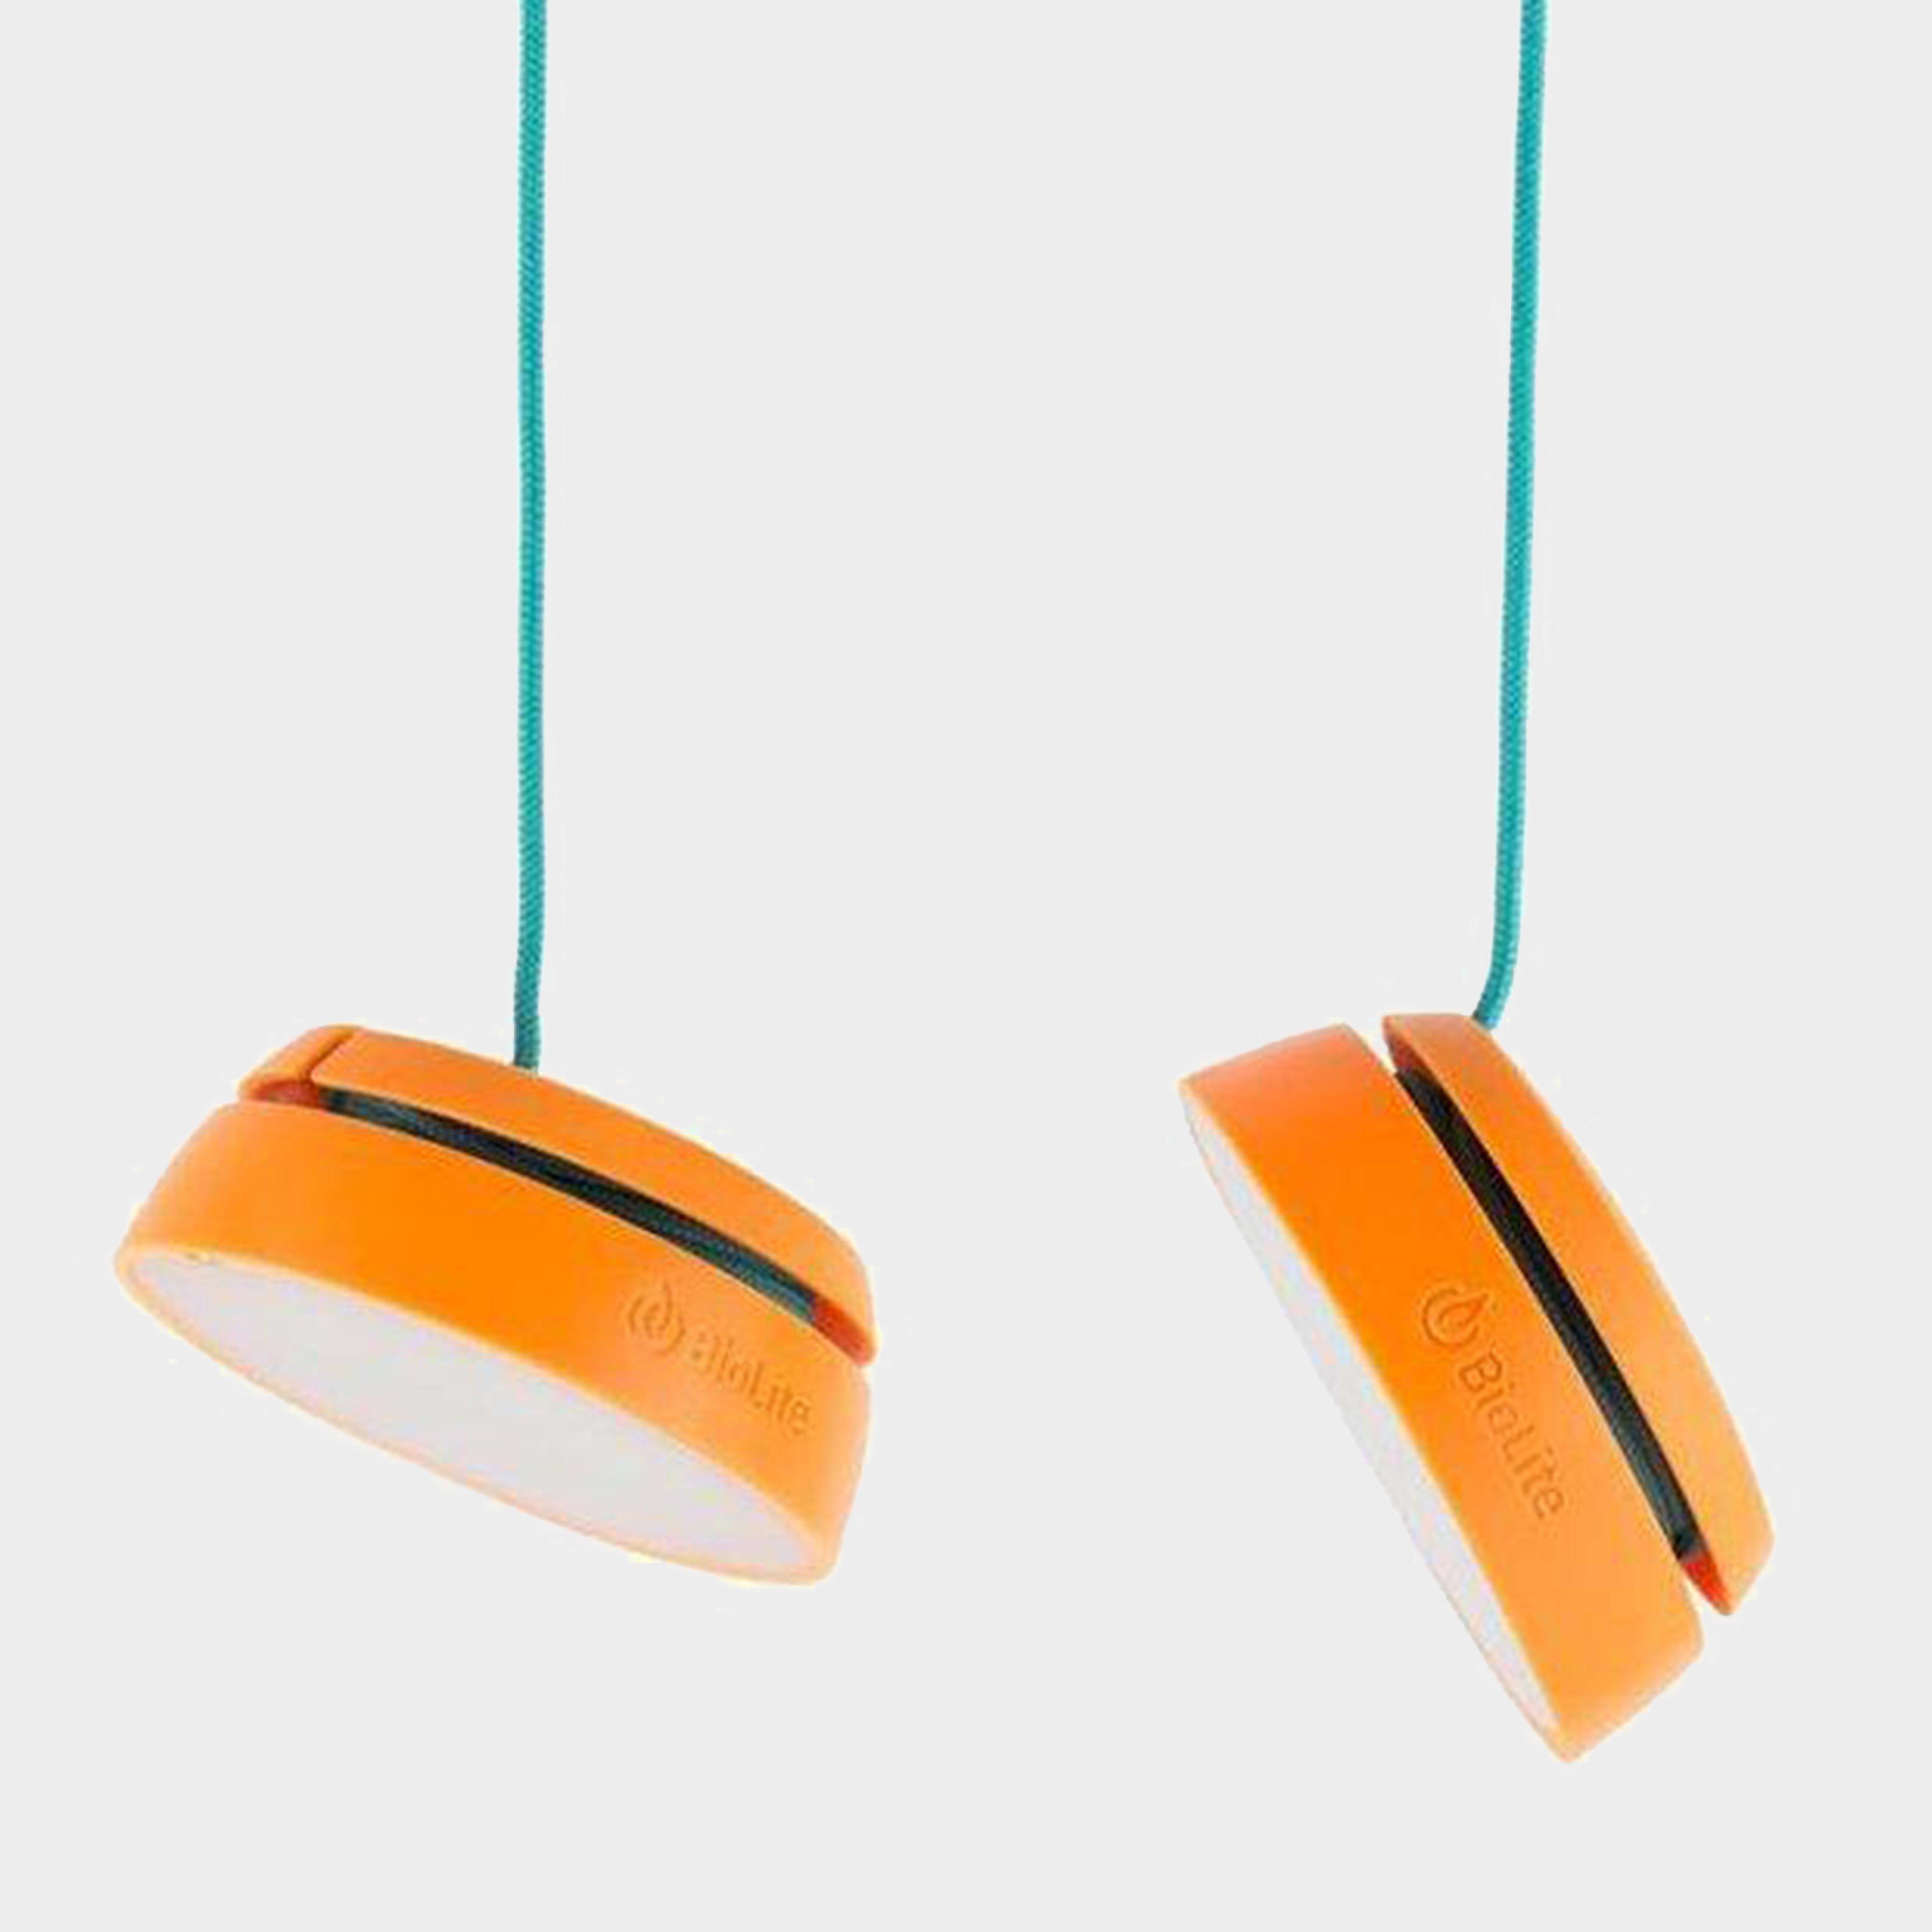 Biolite Sitelight (2 Per Set) - Orange/sitelight  Orange/sitelight